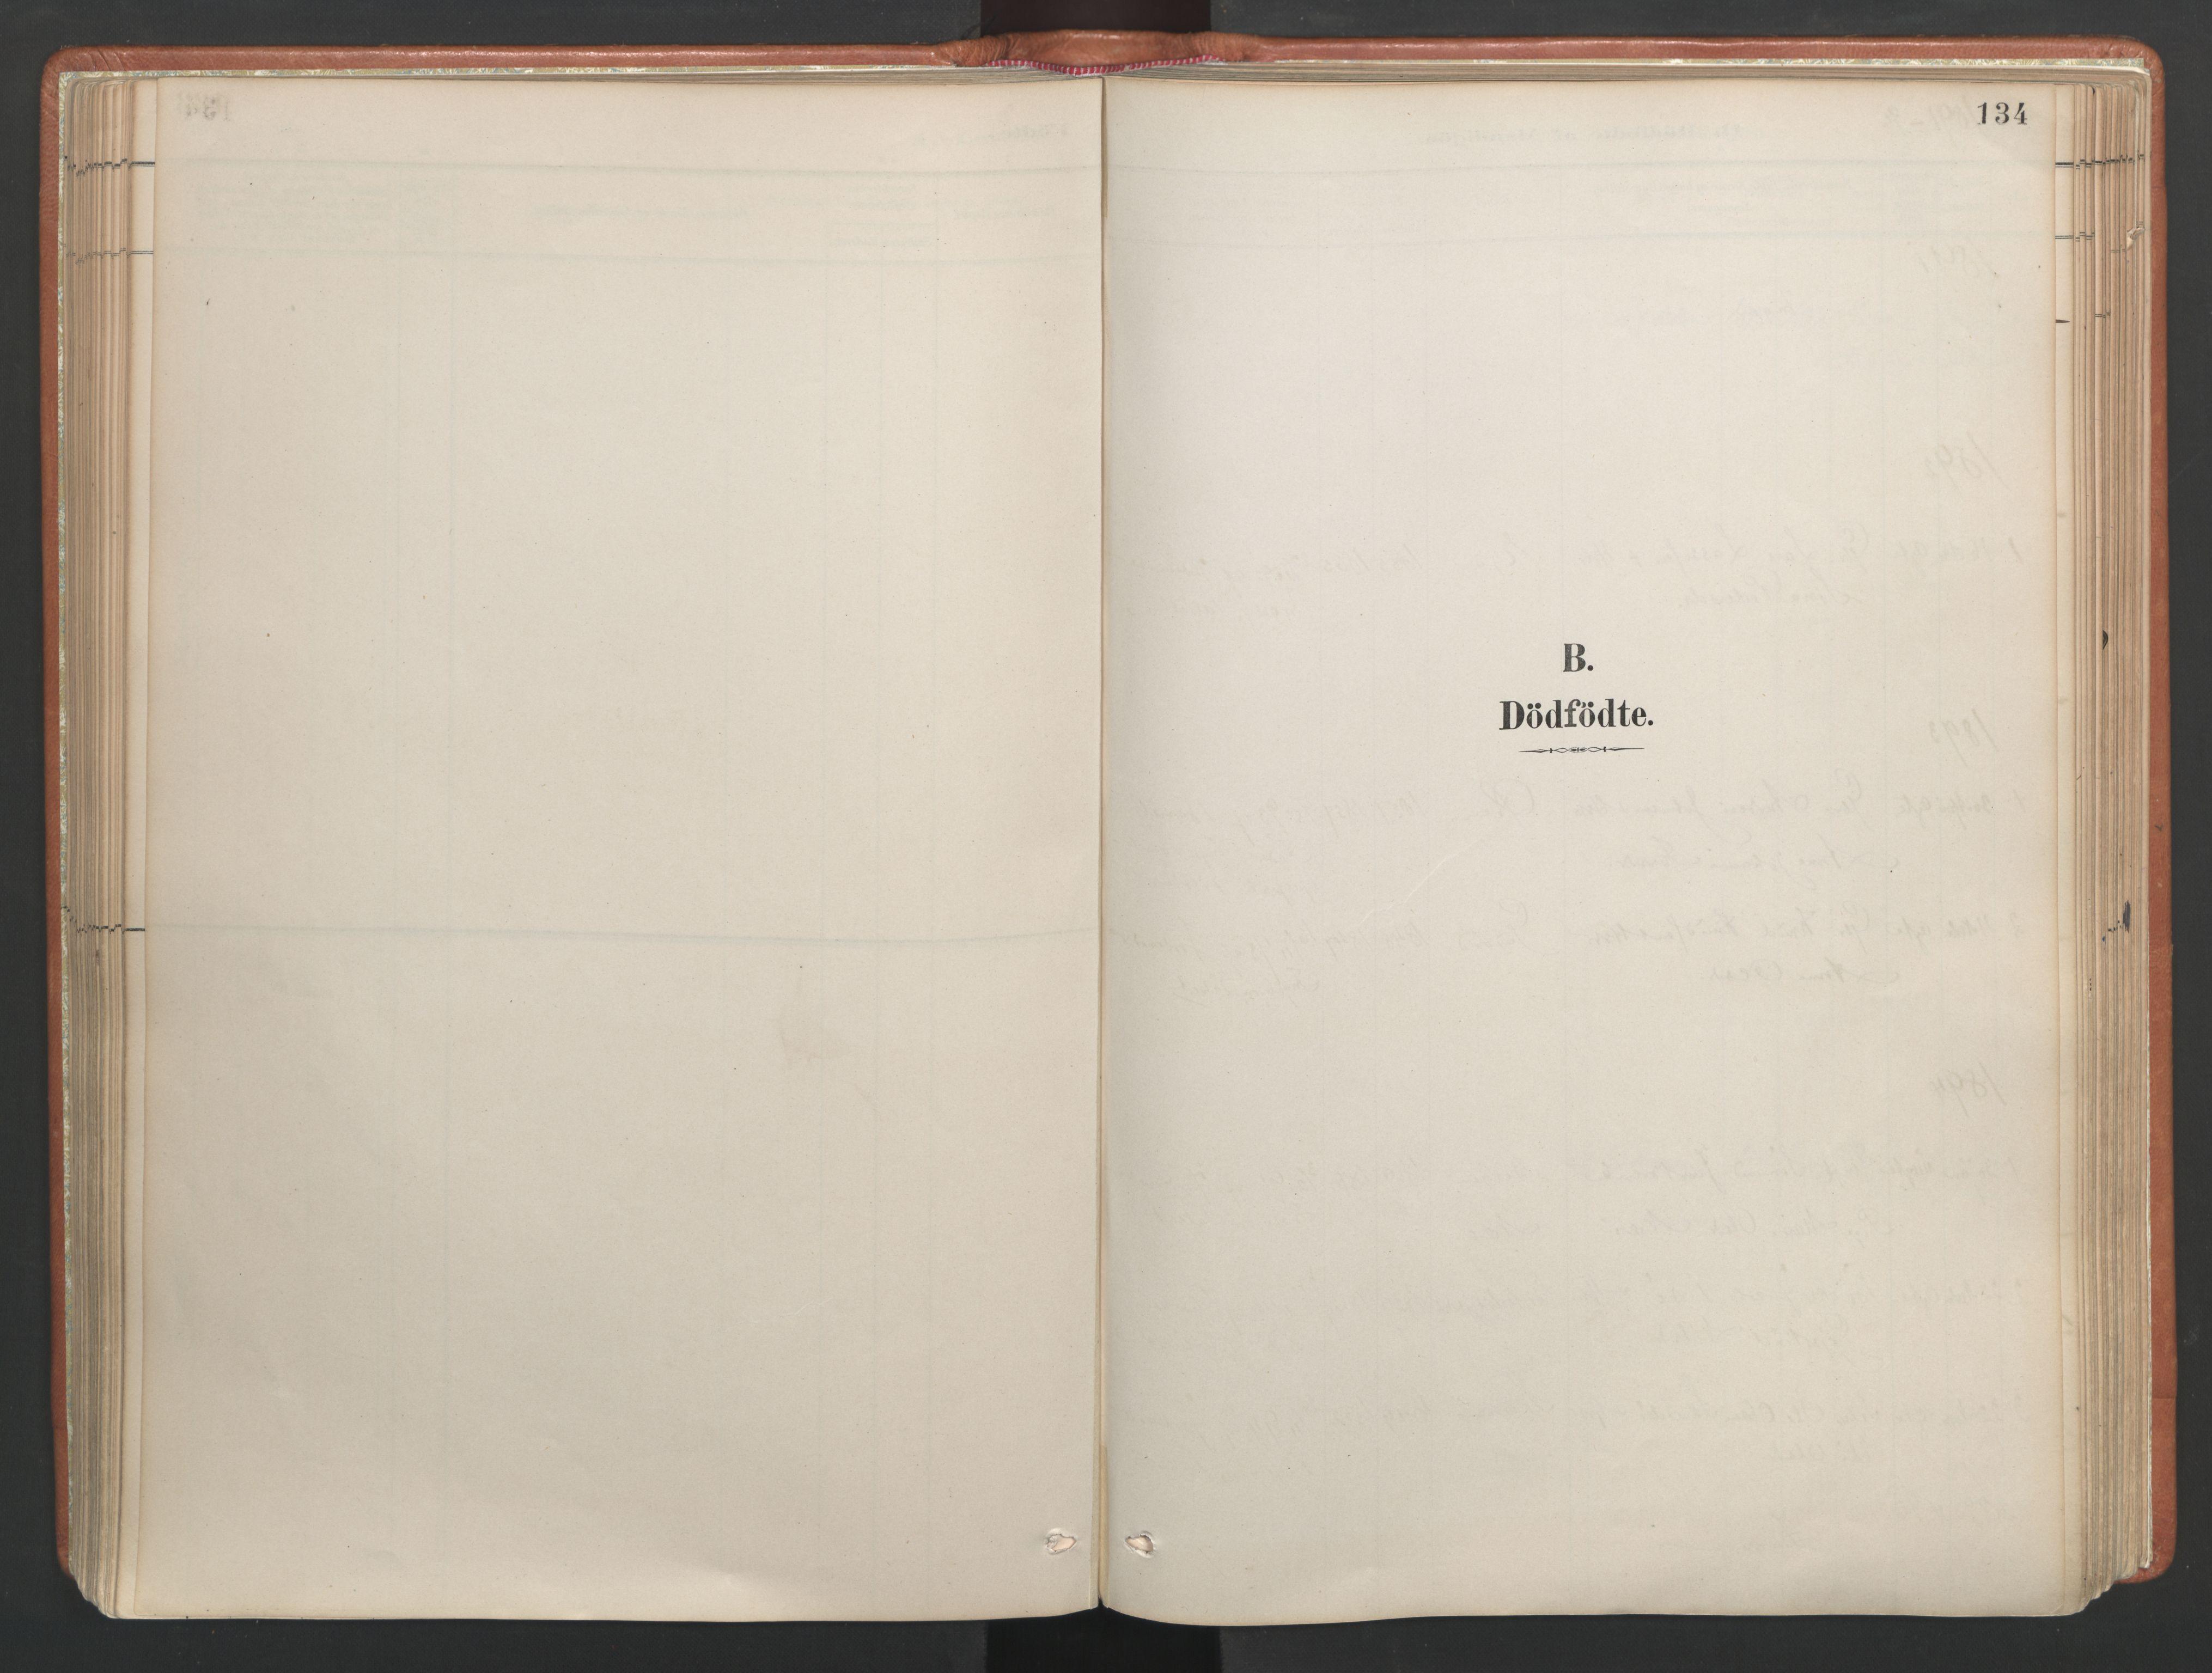 SAT, Ministerialprotokoller, klokkerbøker og fødselsregistre - Møre og Romsdal, 557/L0682: Ministerialbok nr. 557A04, 1887-1970, s. 123